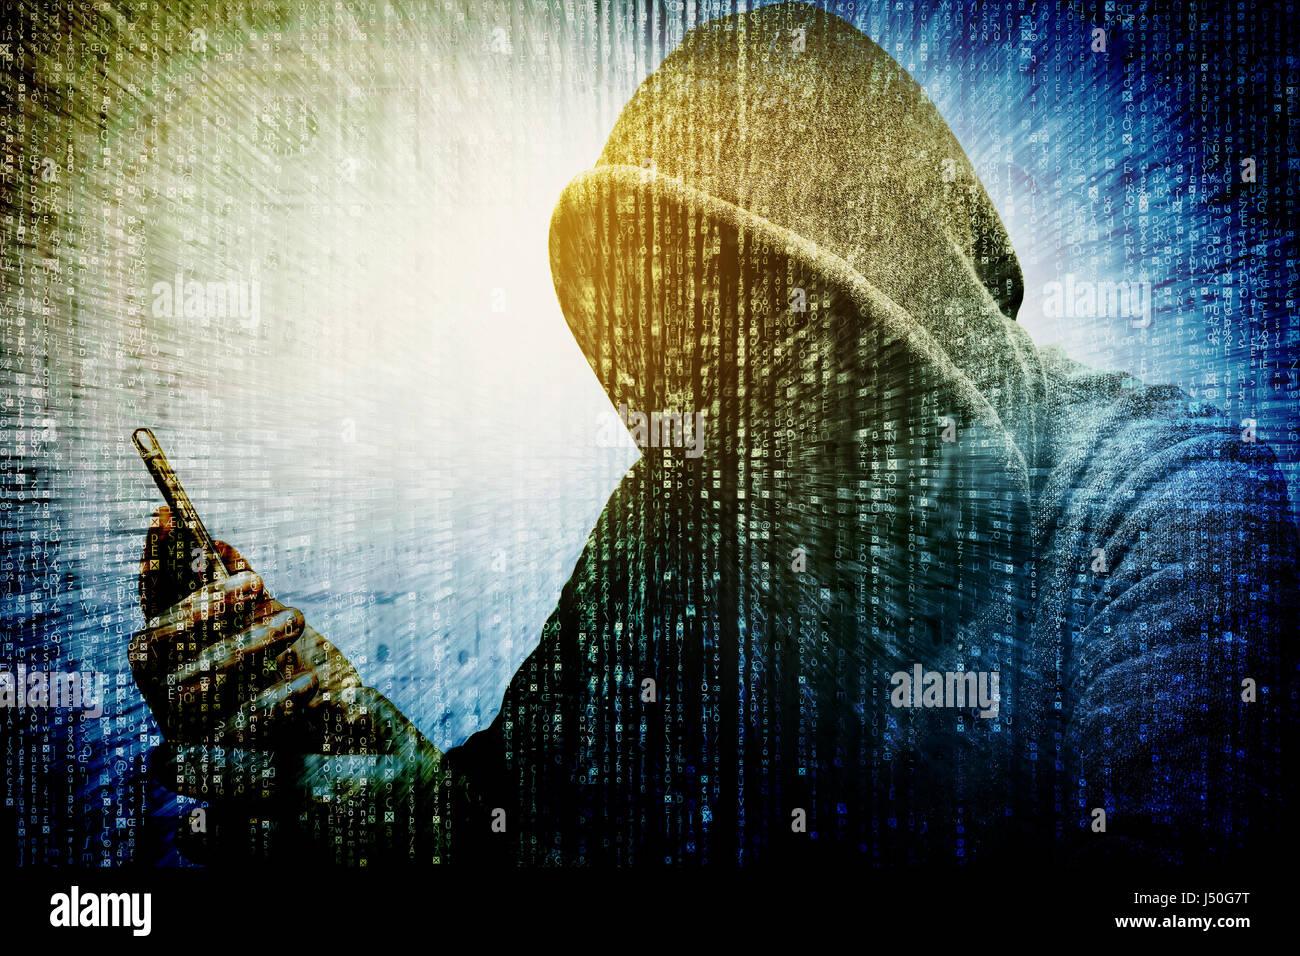 Doble Exposición de encapuchados cyber crime hacker hacking internet a través de teléfono móvil Imagen De Stock